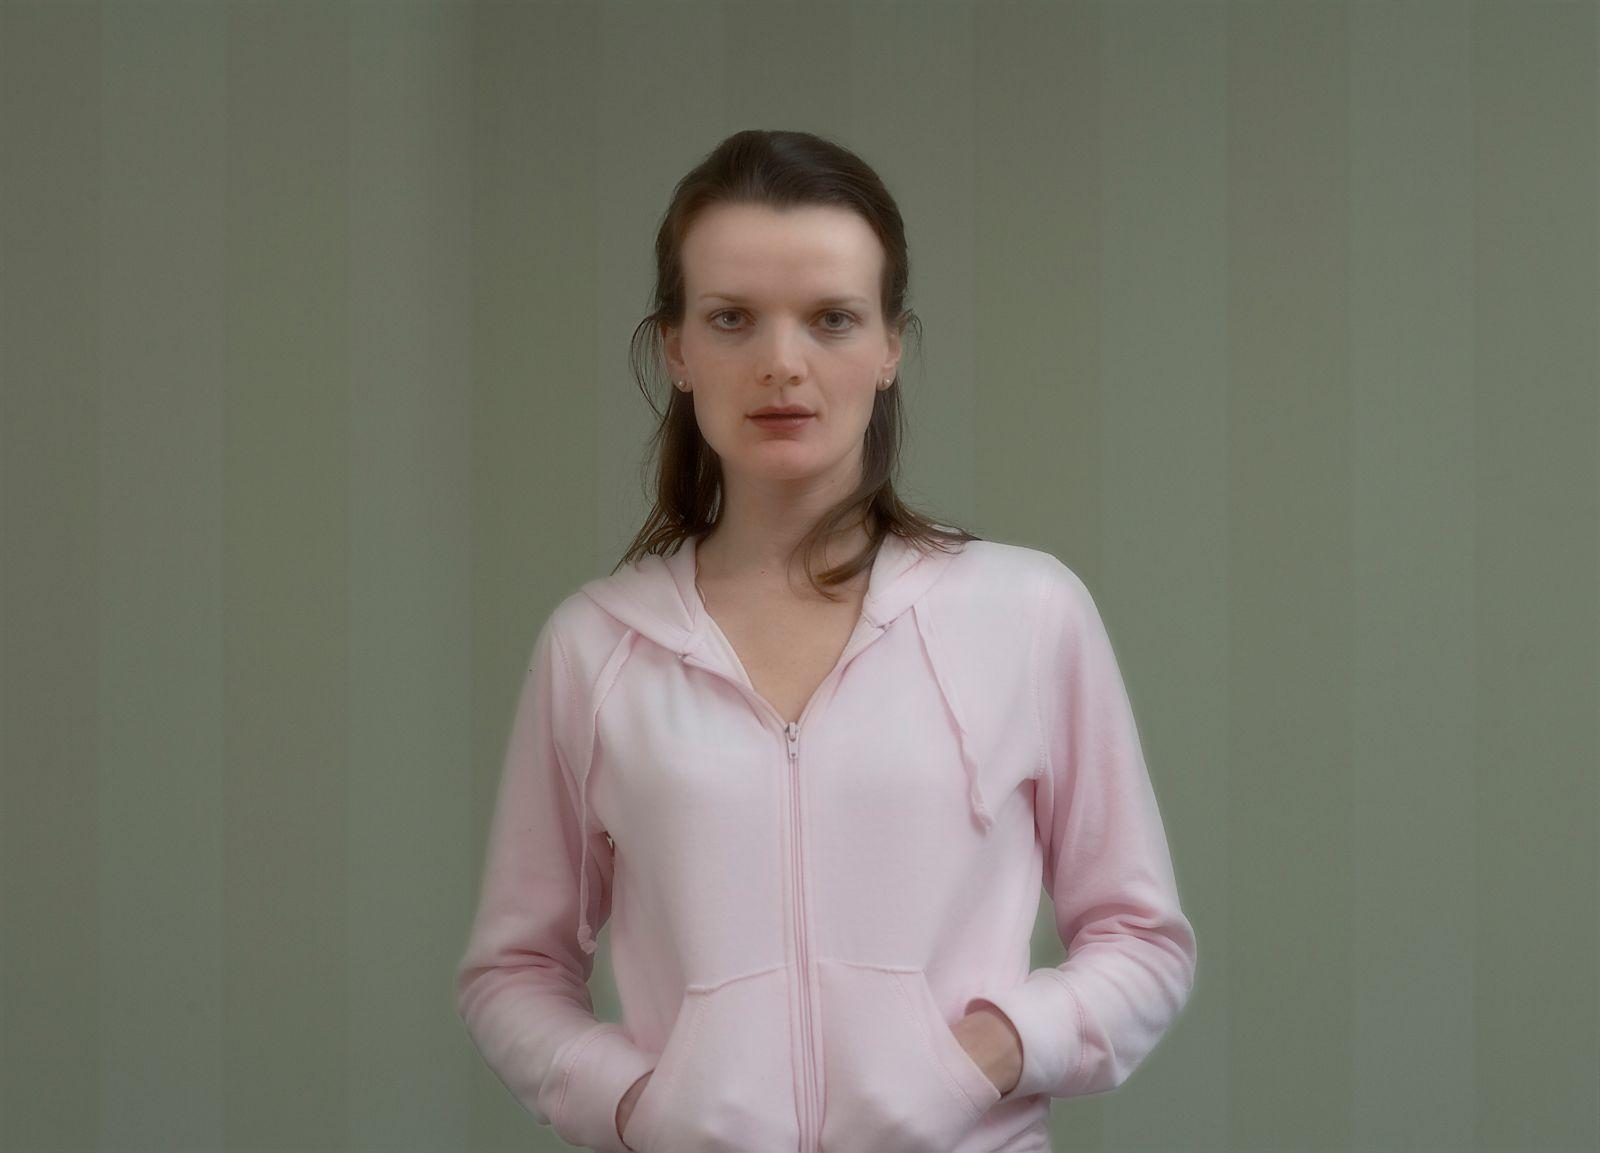 pink sweats, striped wall, pink sweats, striped wall, 2016, archival inkjet print, 18 x 25 cm, ed. 5 + AP